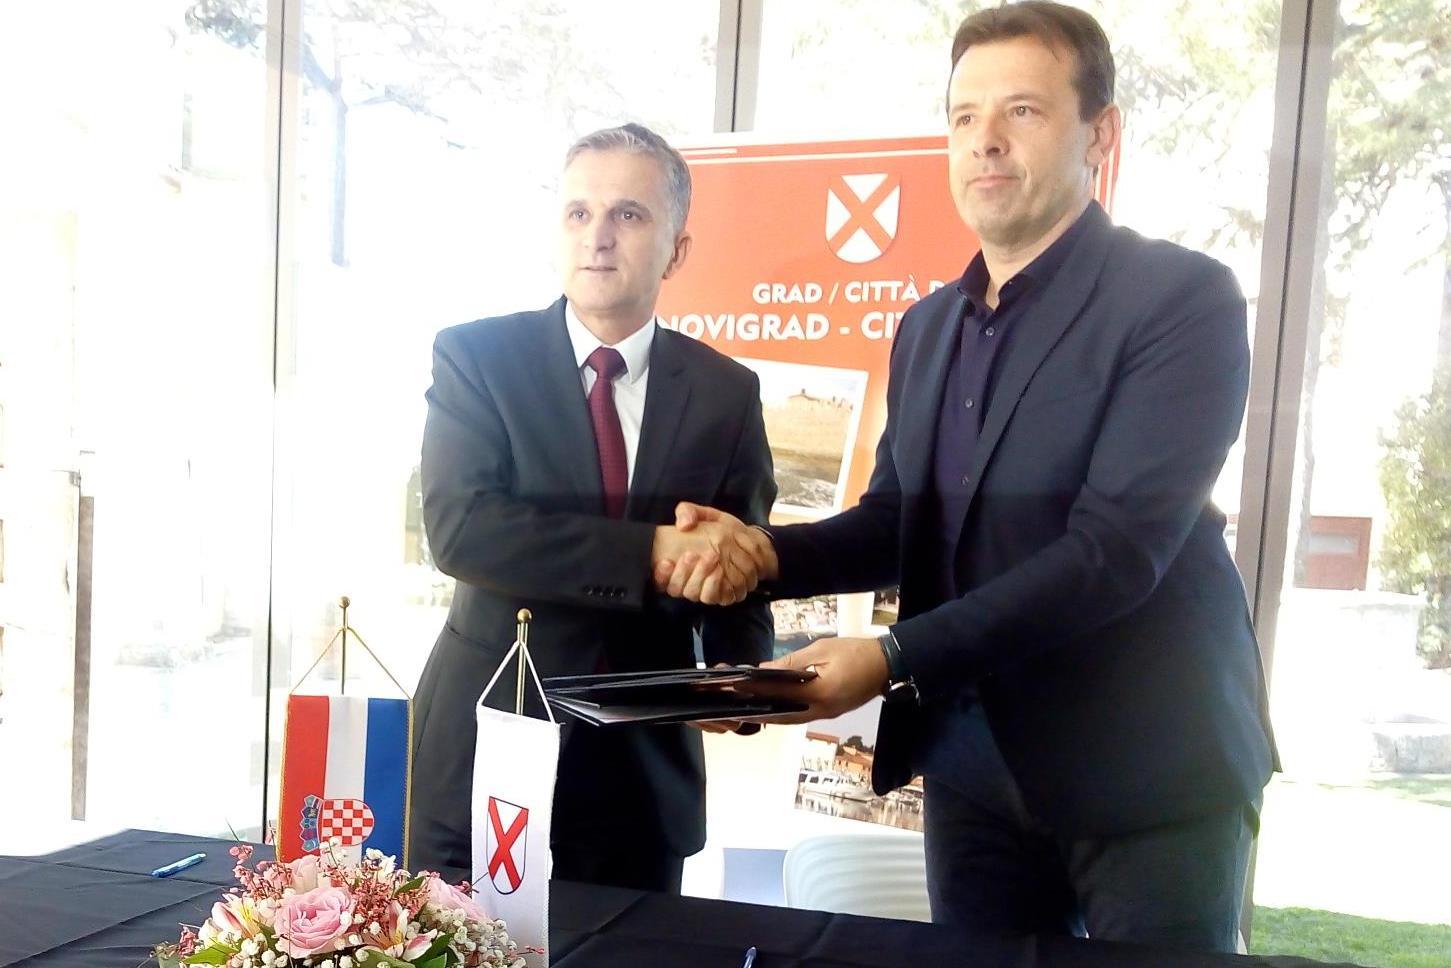 https://novigrad.hr/il_ministro_goran_mari_e_il_sindaco_anteo_milos_hanno_firmato_il_contratto